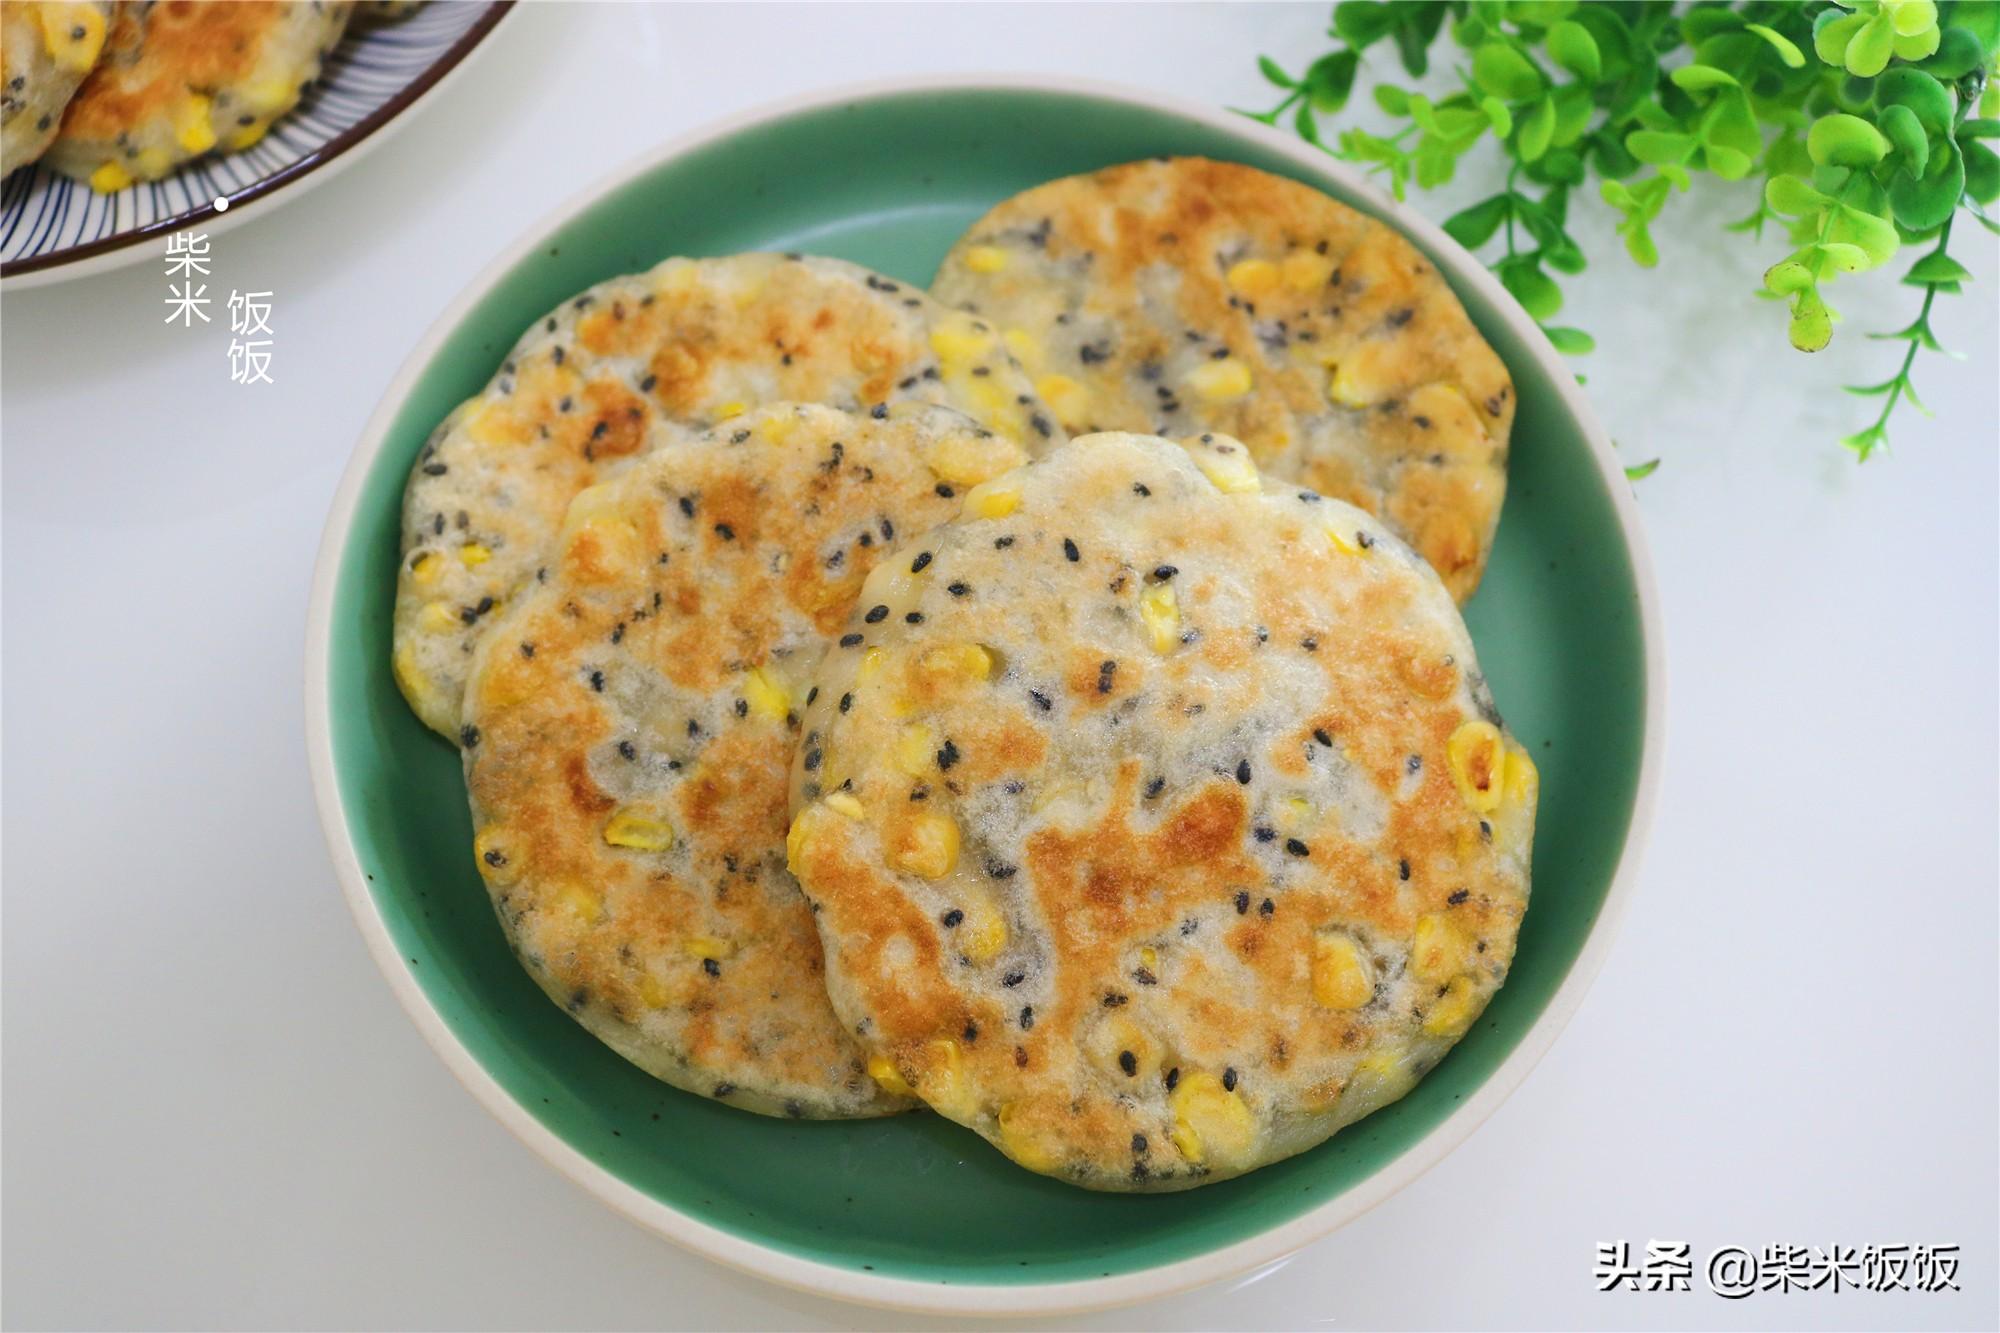 夏季玉米正鮮嫩,搭配這兩種麵粉烙餅,又香又軟,早餐吃很合適